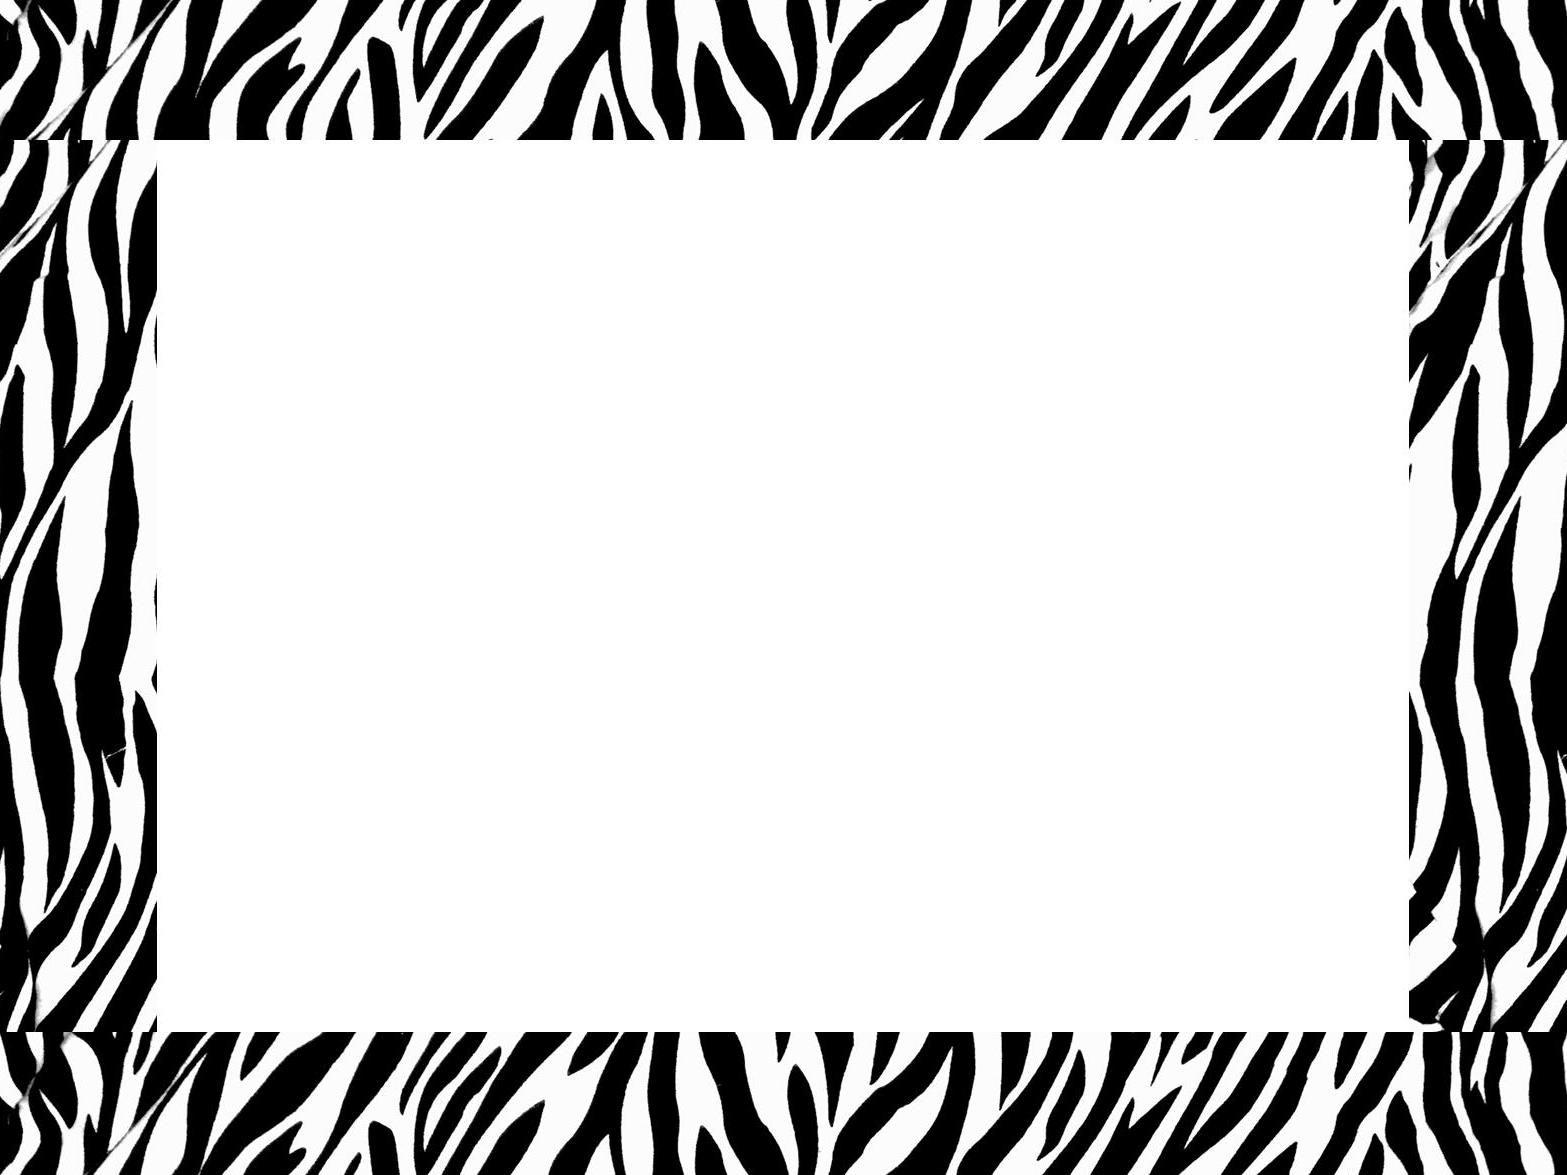 Shining Mom  Free Printable Stationery Borders Pretty Designs